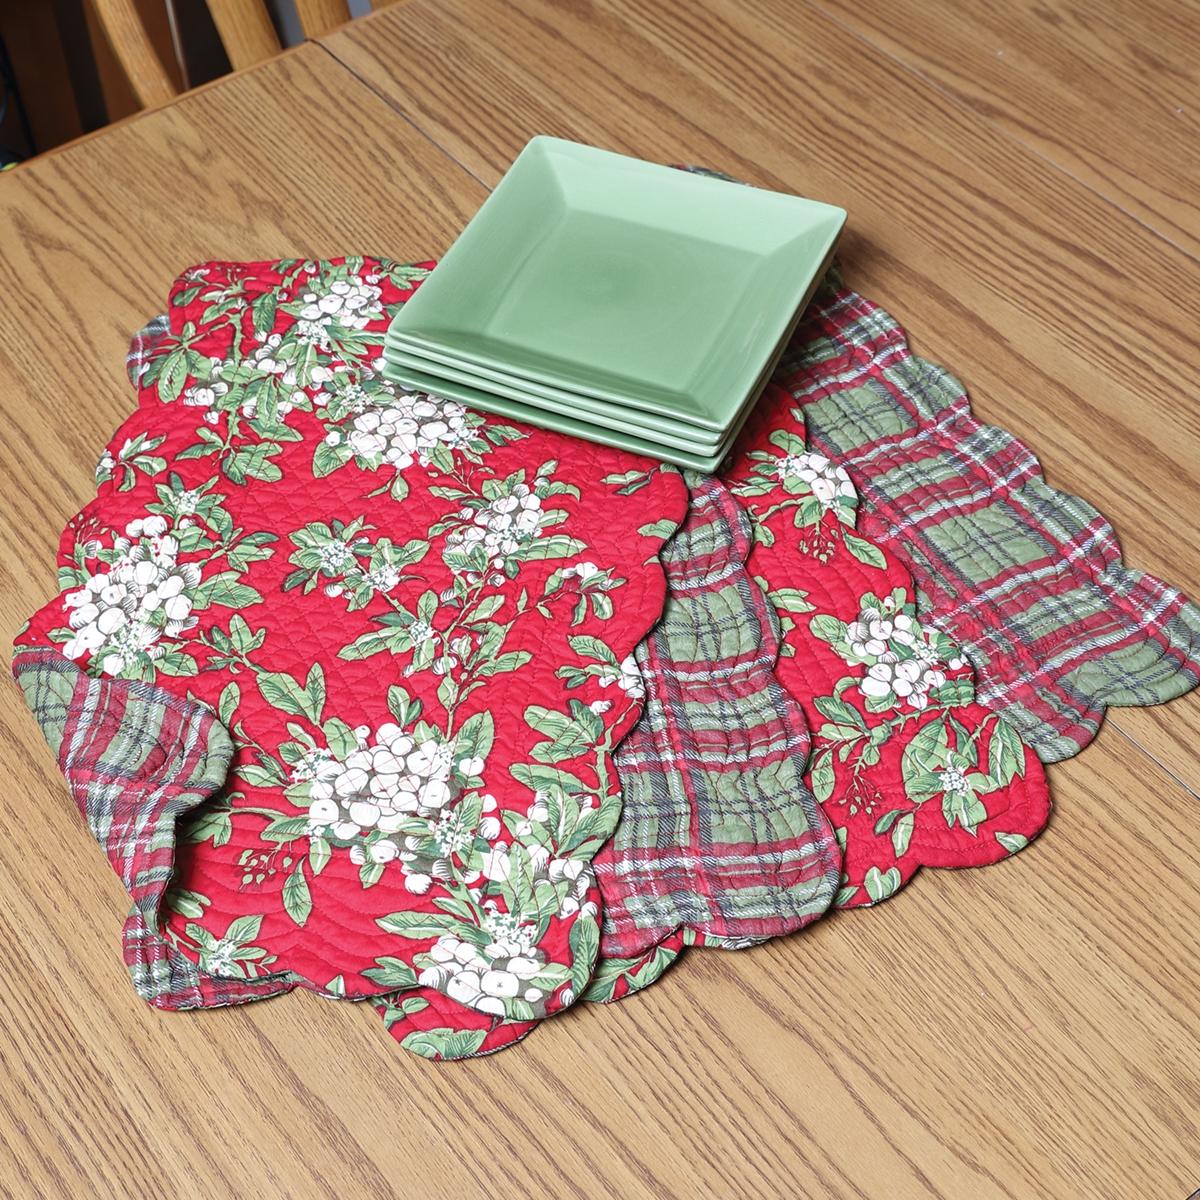 Mistletoe & Plaid Placemats Set